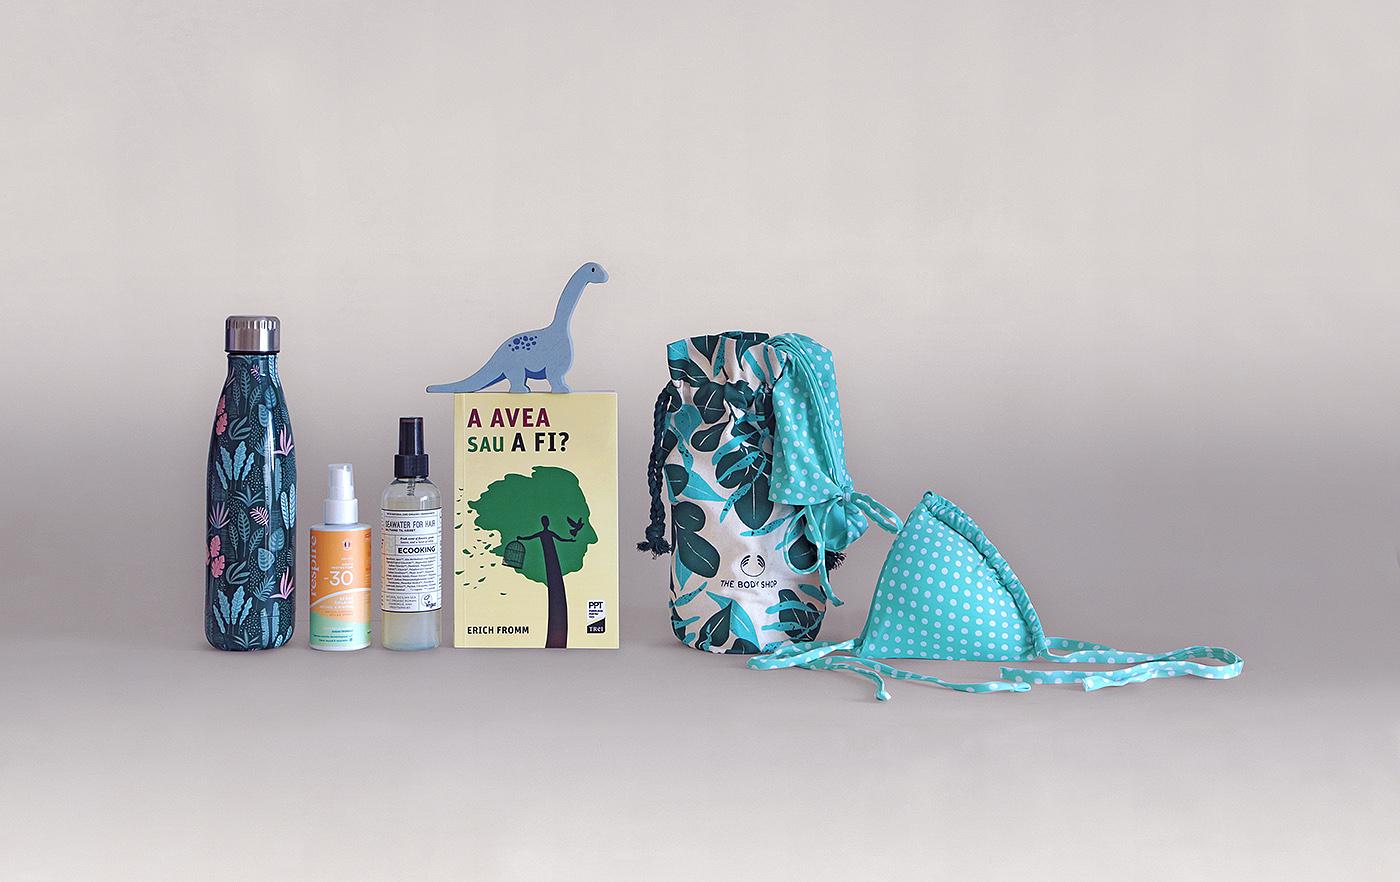 obiecte pentru o zi de plaja cu mai putina risipa